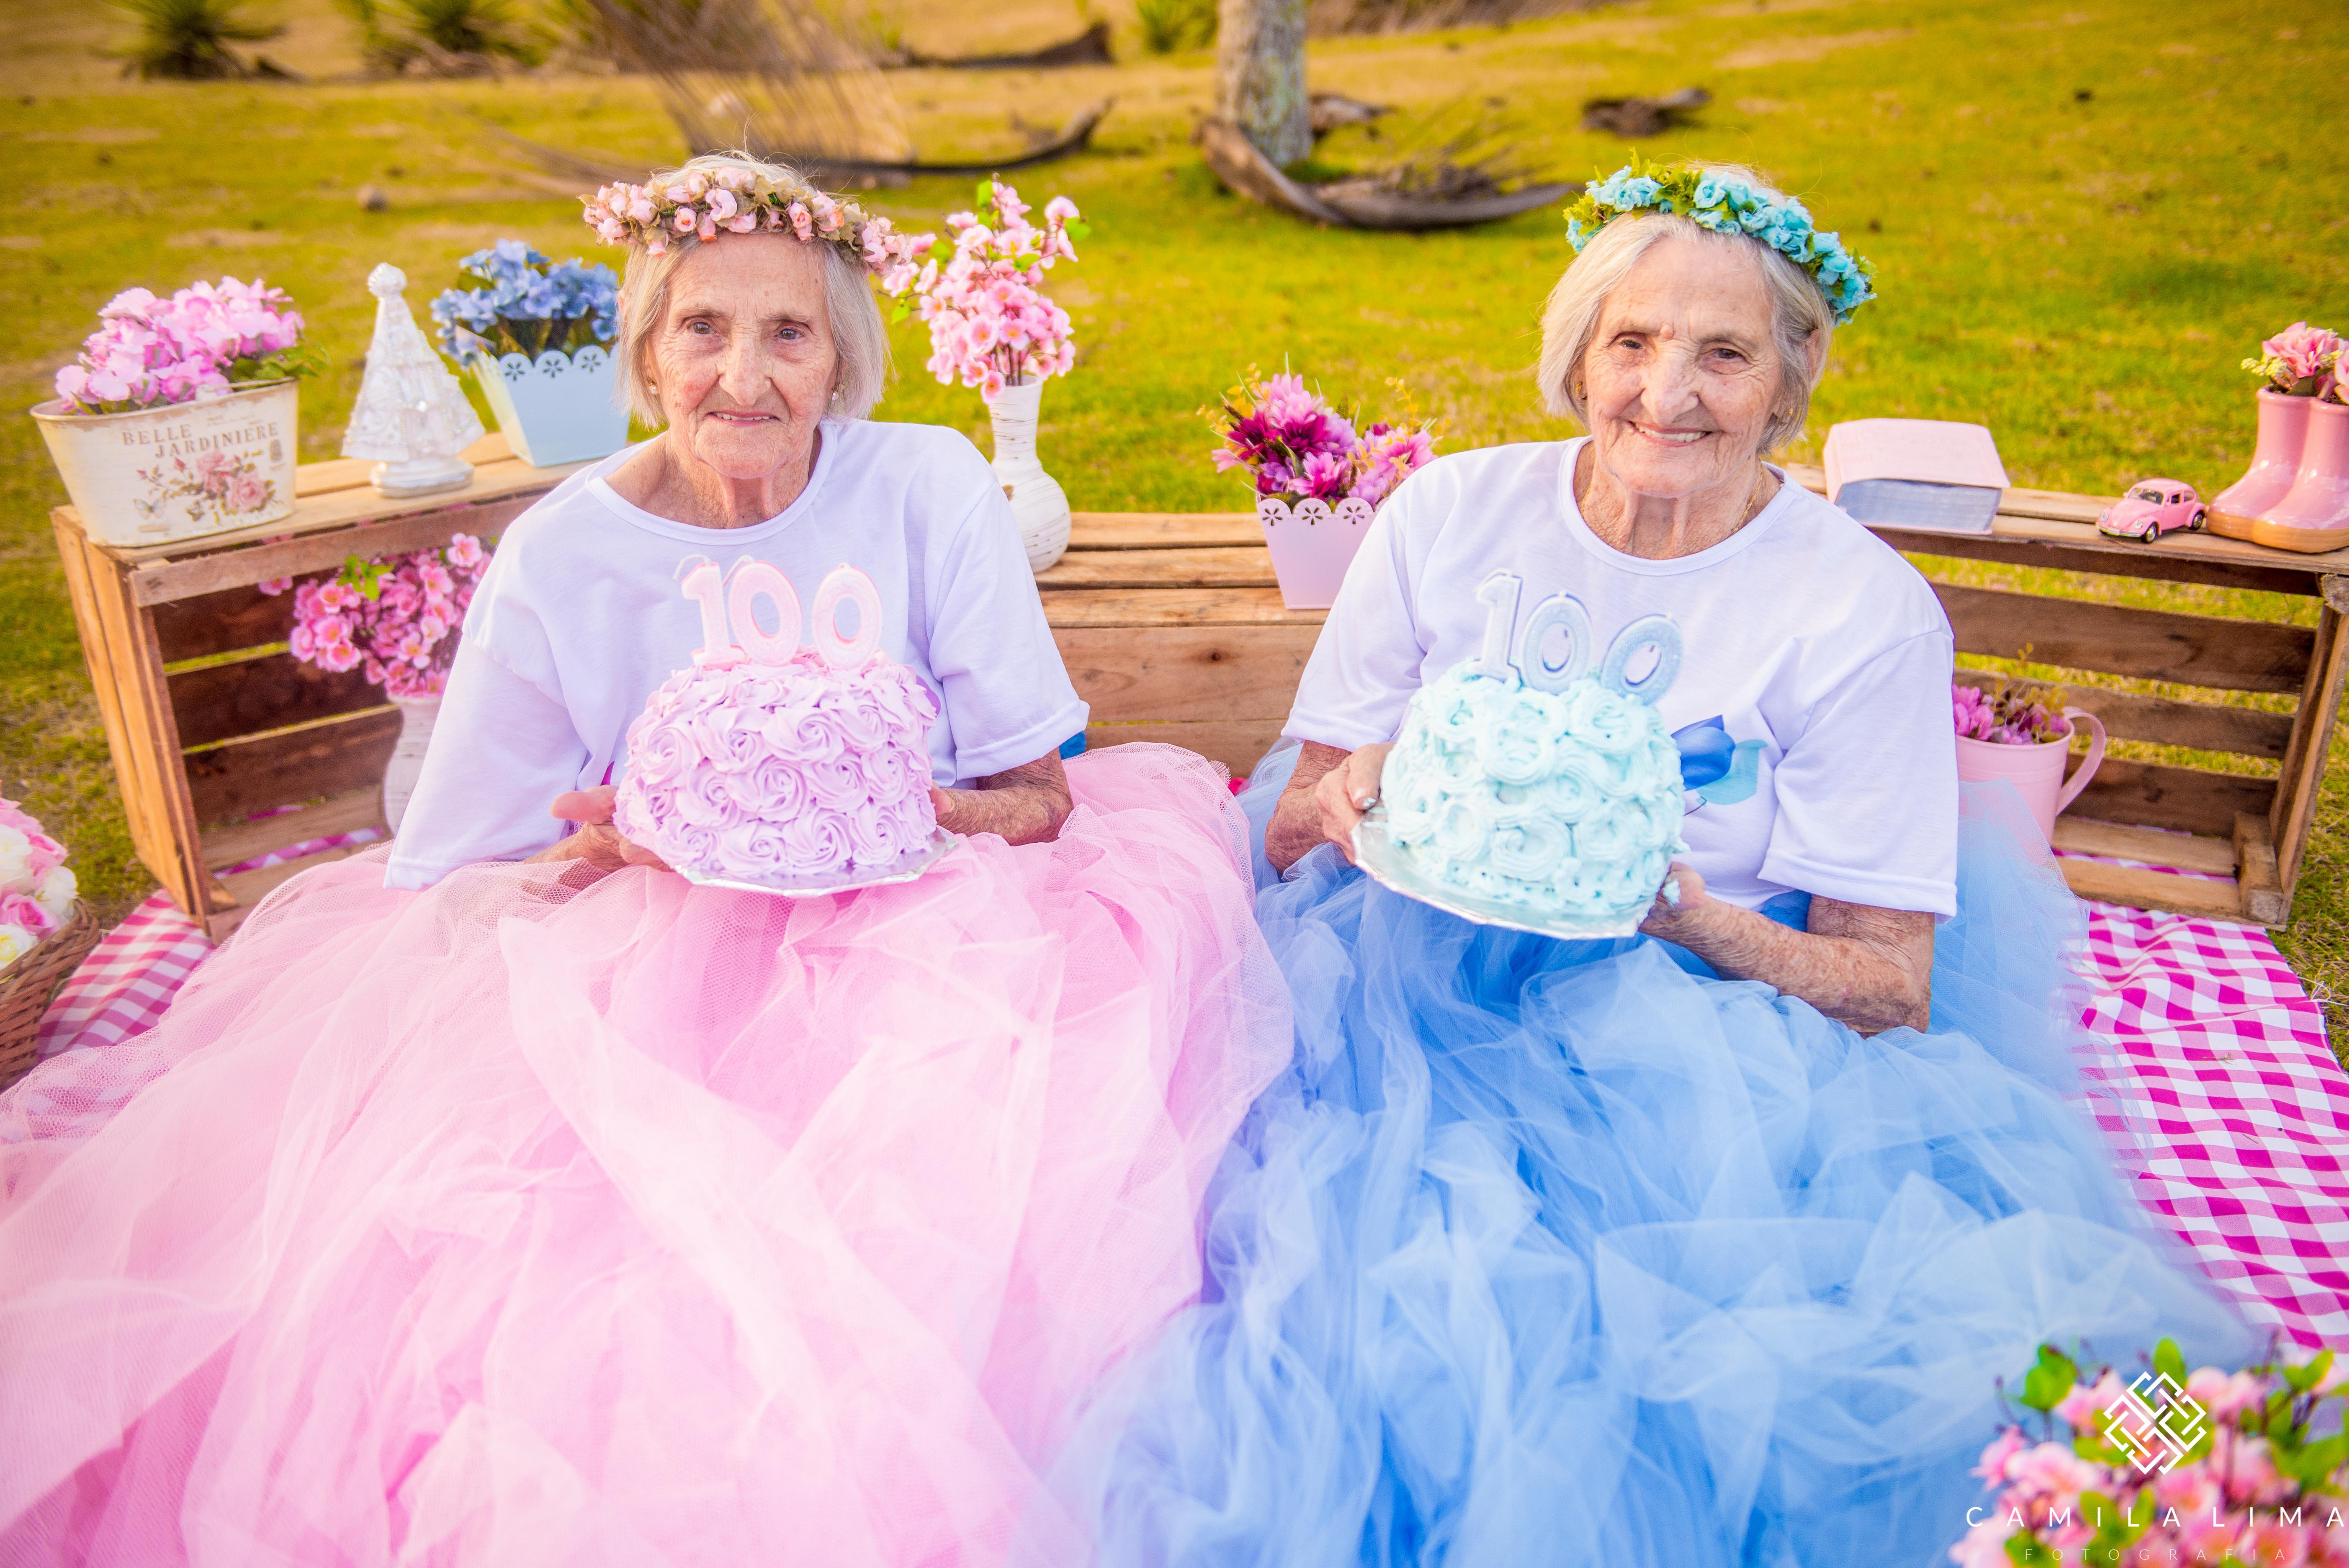 Gêmeas capixabas comemoram aniversário de 100 anos com ensaio fotográfico